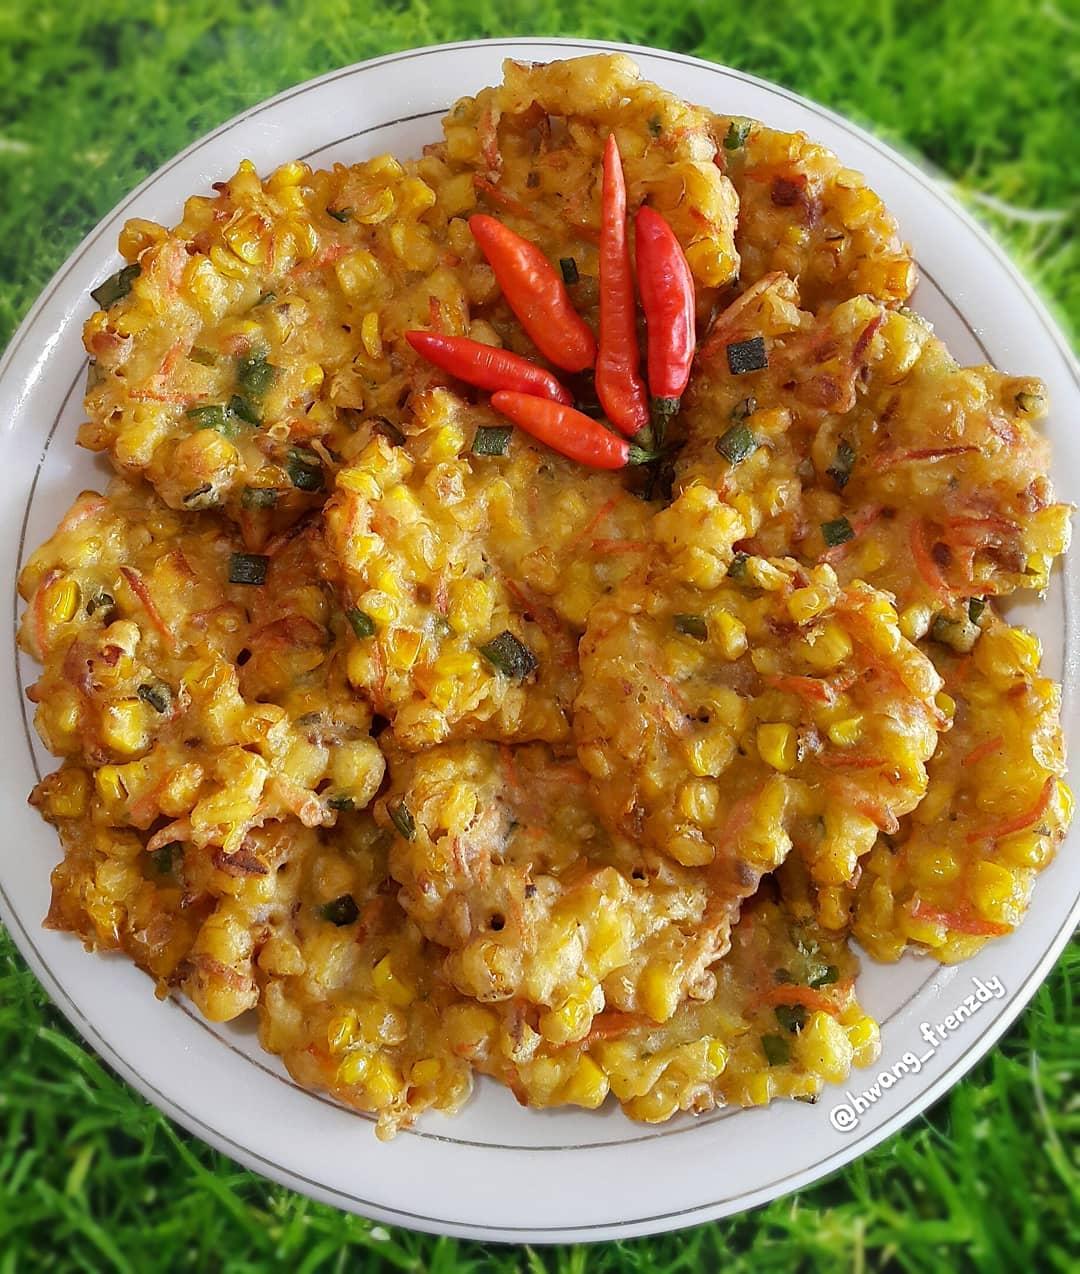 resep bakwan jagung enak dan renyah Resep Indonesia CaraBiasa.com